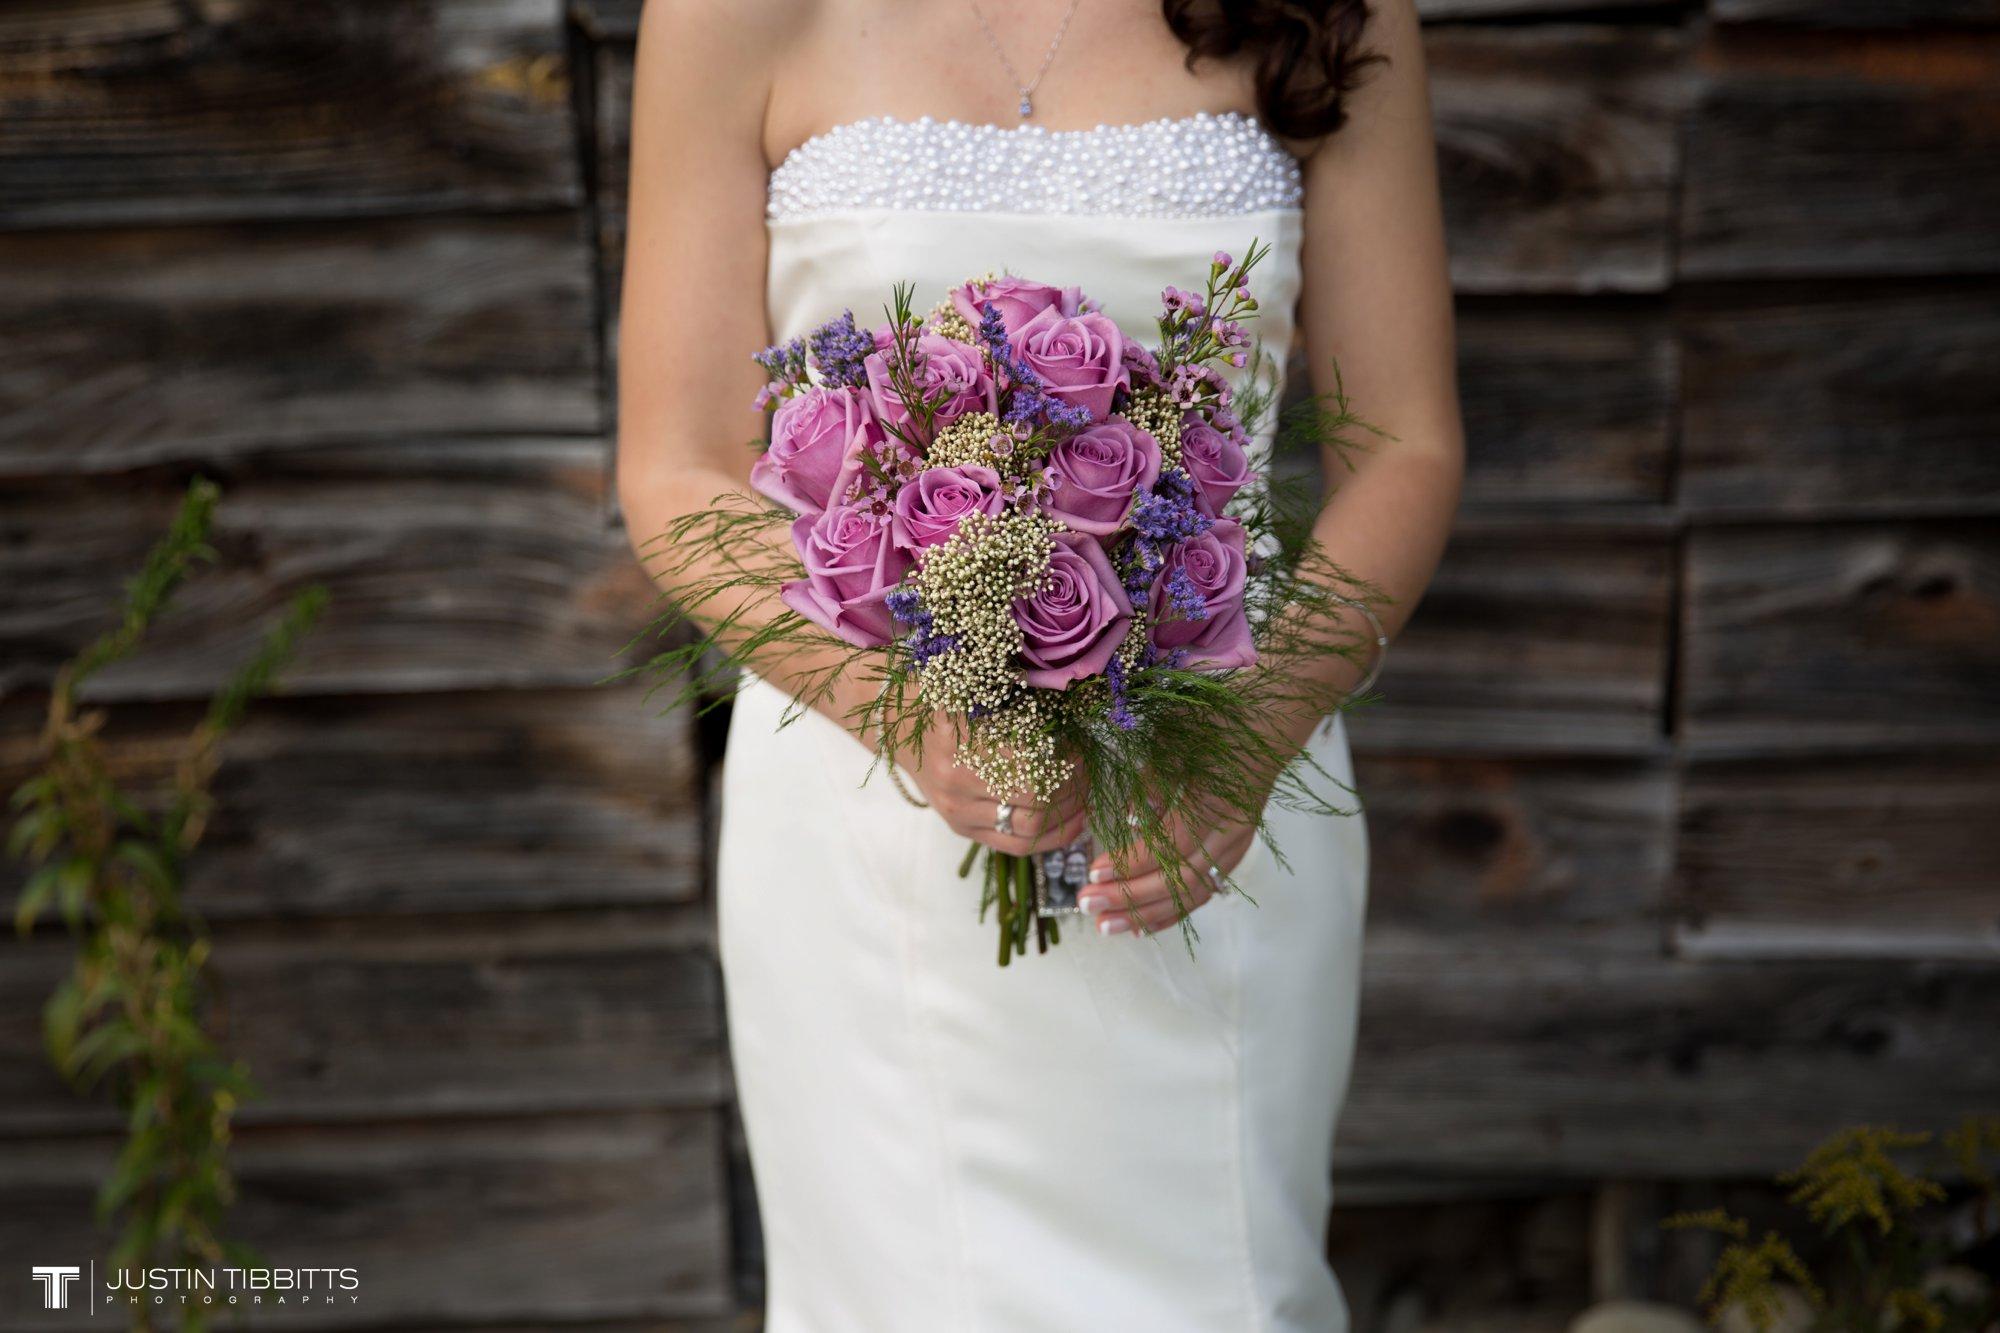 Albany NY Wedding Photographer Justin Tibbitts Photography 2014 Best of Albany NY Weddings-3052784